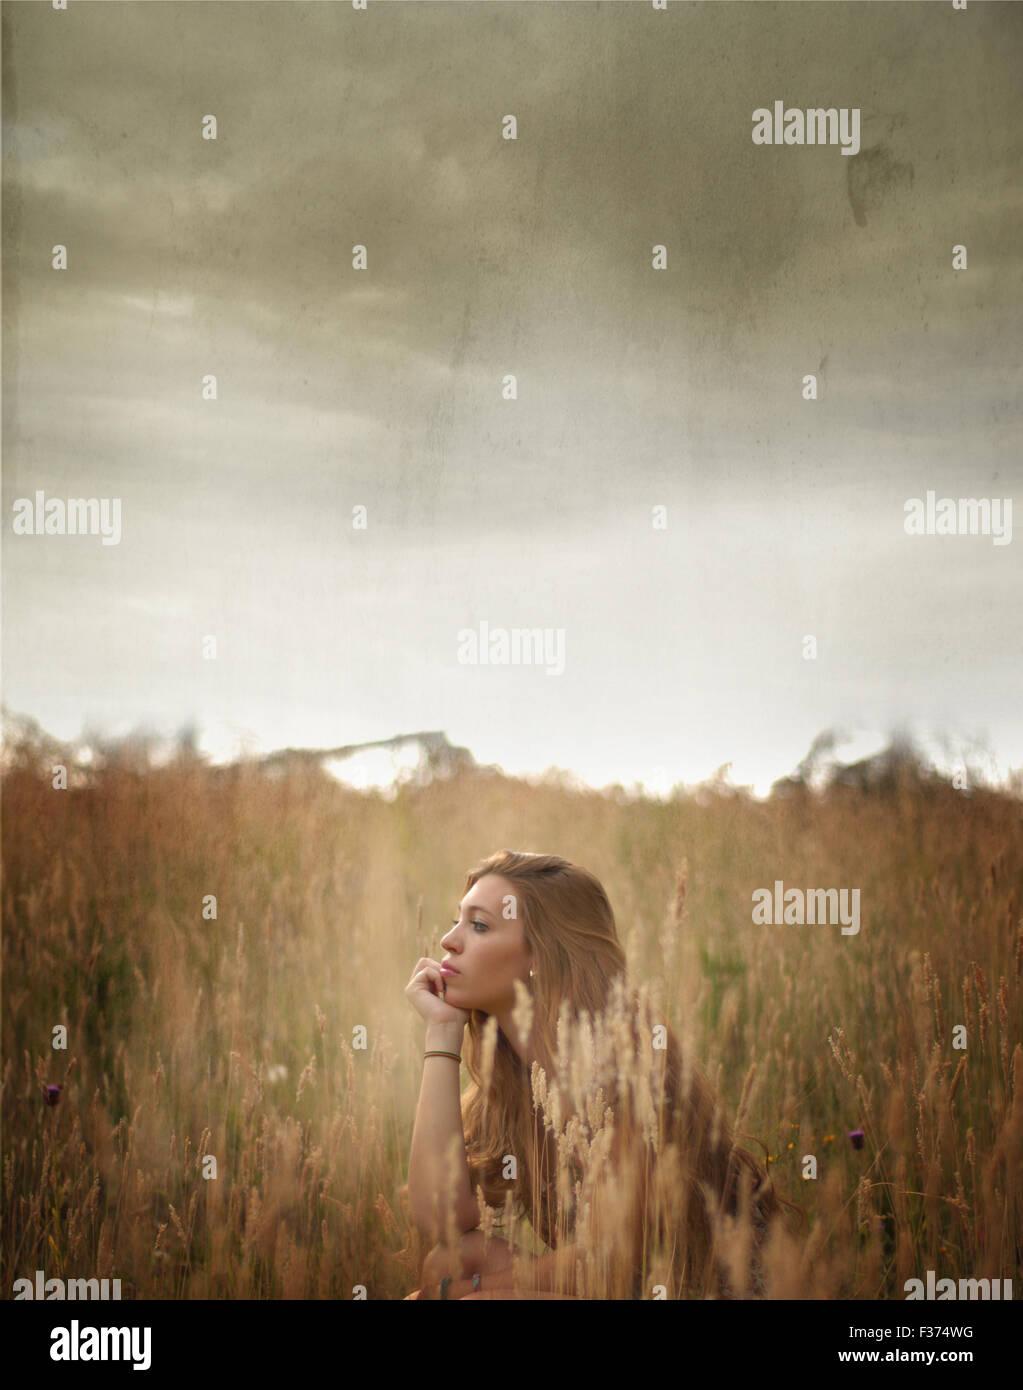 Ragazza seduta tra i campi con un cielo tempestoso Immagini Stock